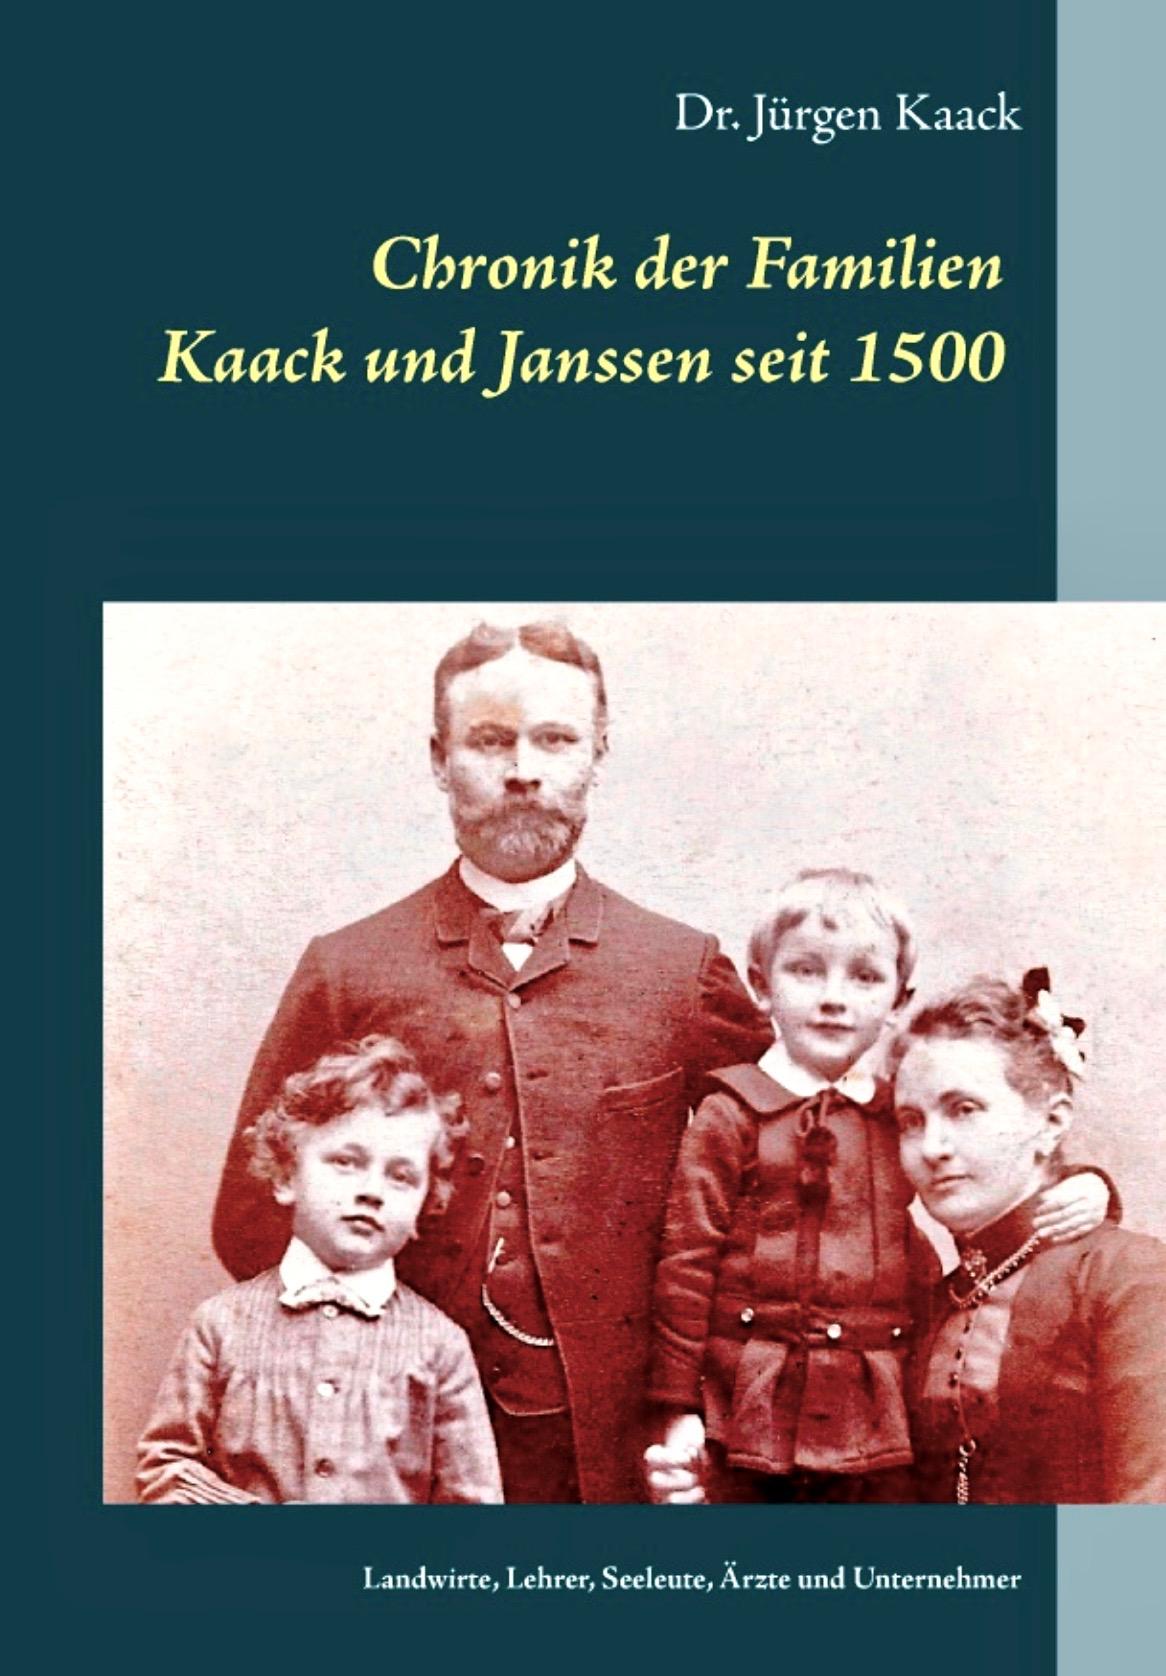 Eine Chronik der beiden Familienzweige Kaack und Janssen, die aus dem Umfeld von Bordesholm stammen bzw. aus Eckernförde. Die ältesten Kaack waren Hufner, nach 300 Jahren wird ein Nachkomnme Lehrer.